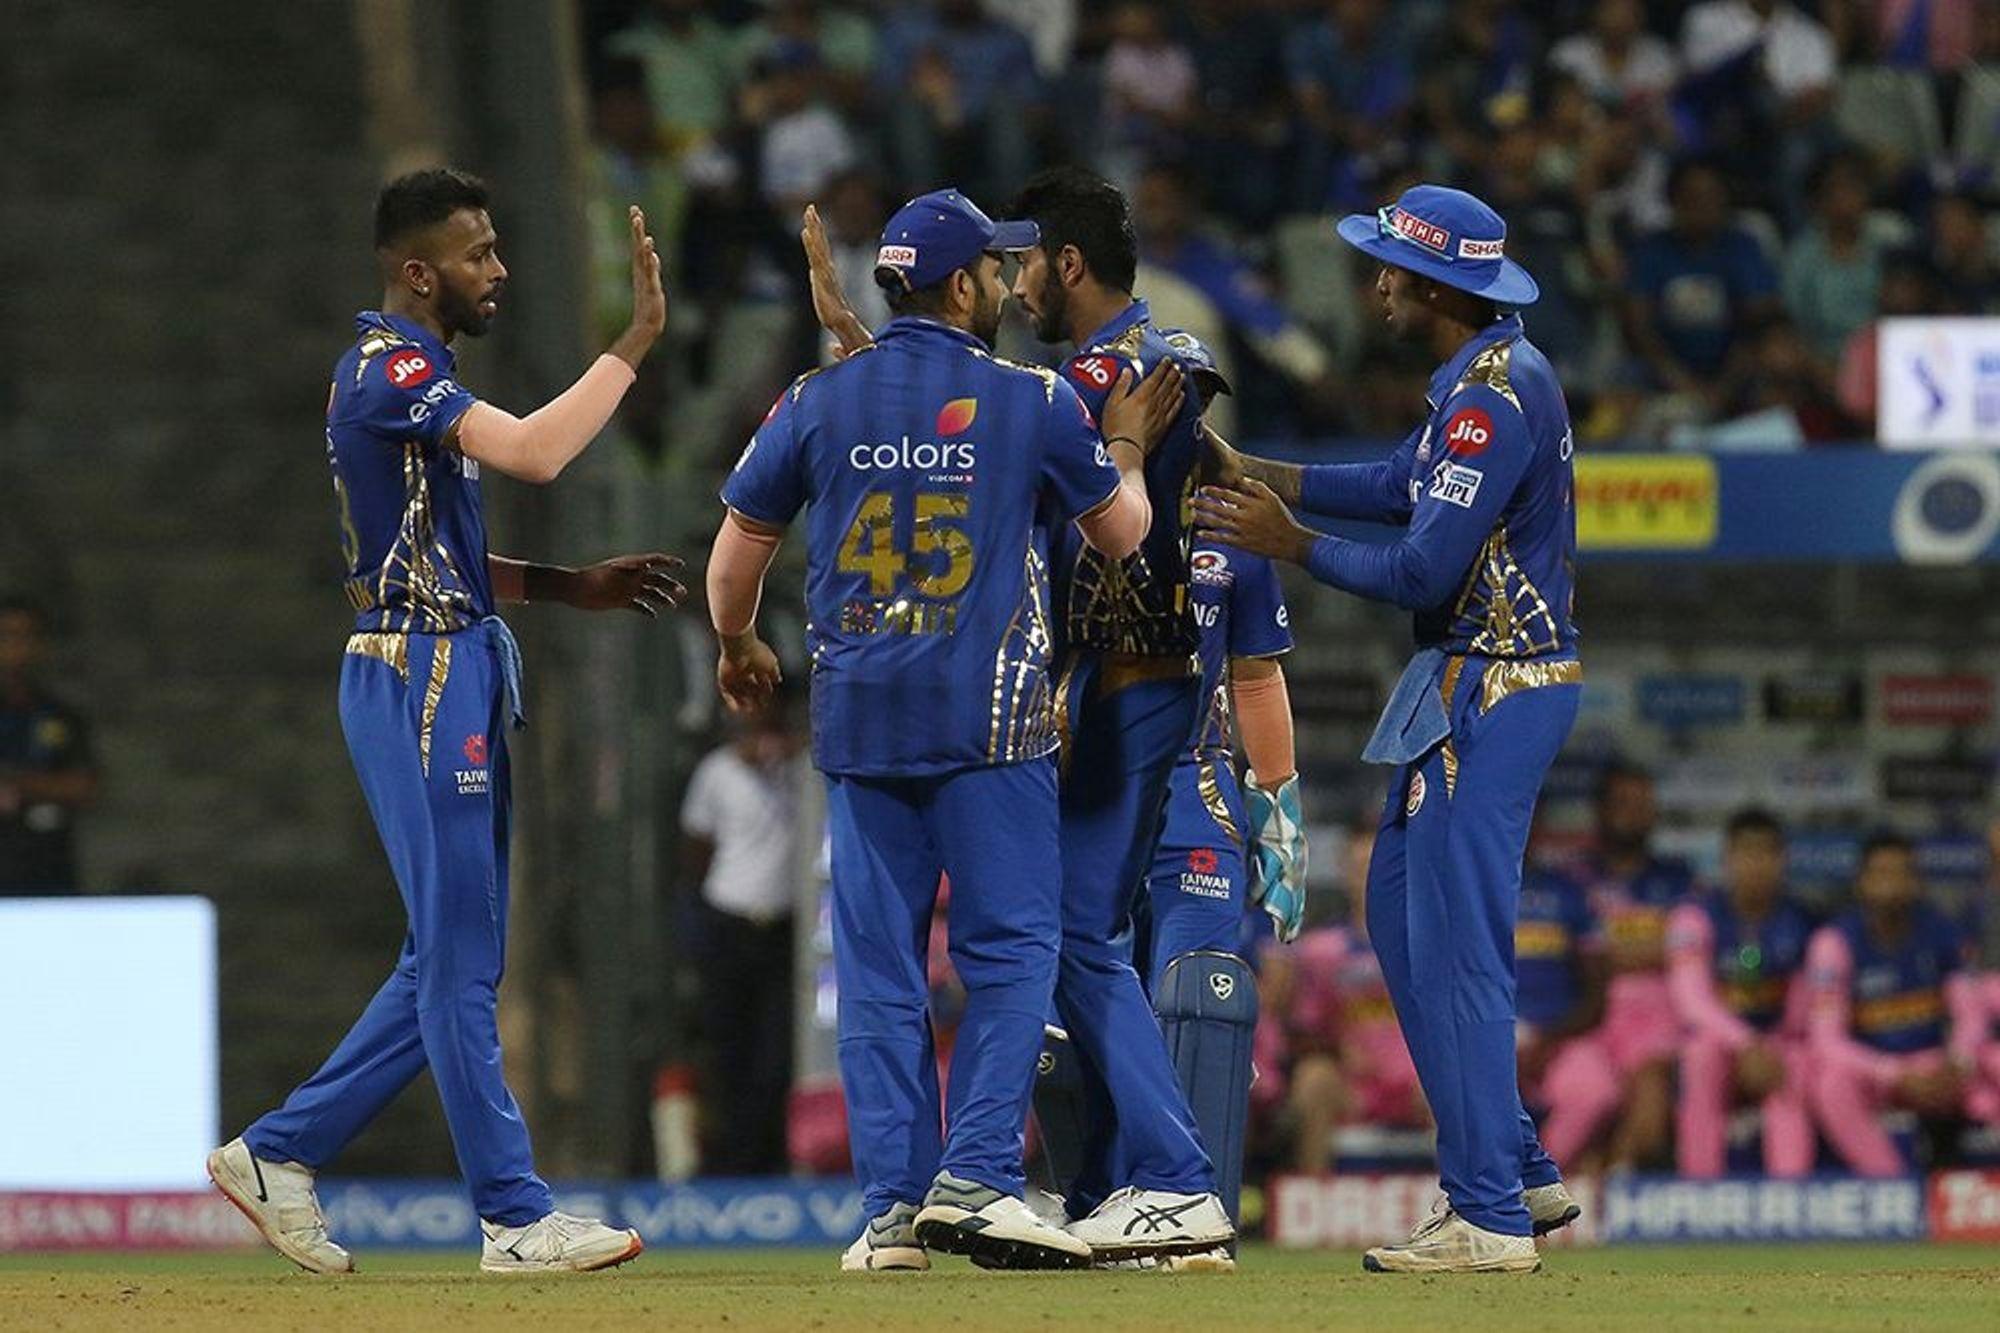 दिल्लीनंतर मुंबईने 10 पैकी 6 सामन्यात विजय मिळवला आहे. त्यांचे 4 सामने बाकी आहेत. यात चेन्नई वगळता इतर कोणत्याही संघाकडून पराभव झाला तरी 18 गुणांसह ते सीएसकेला मागे टाकतील.